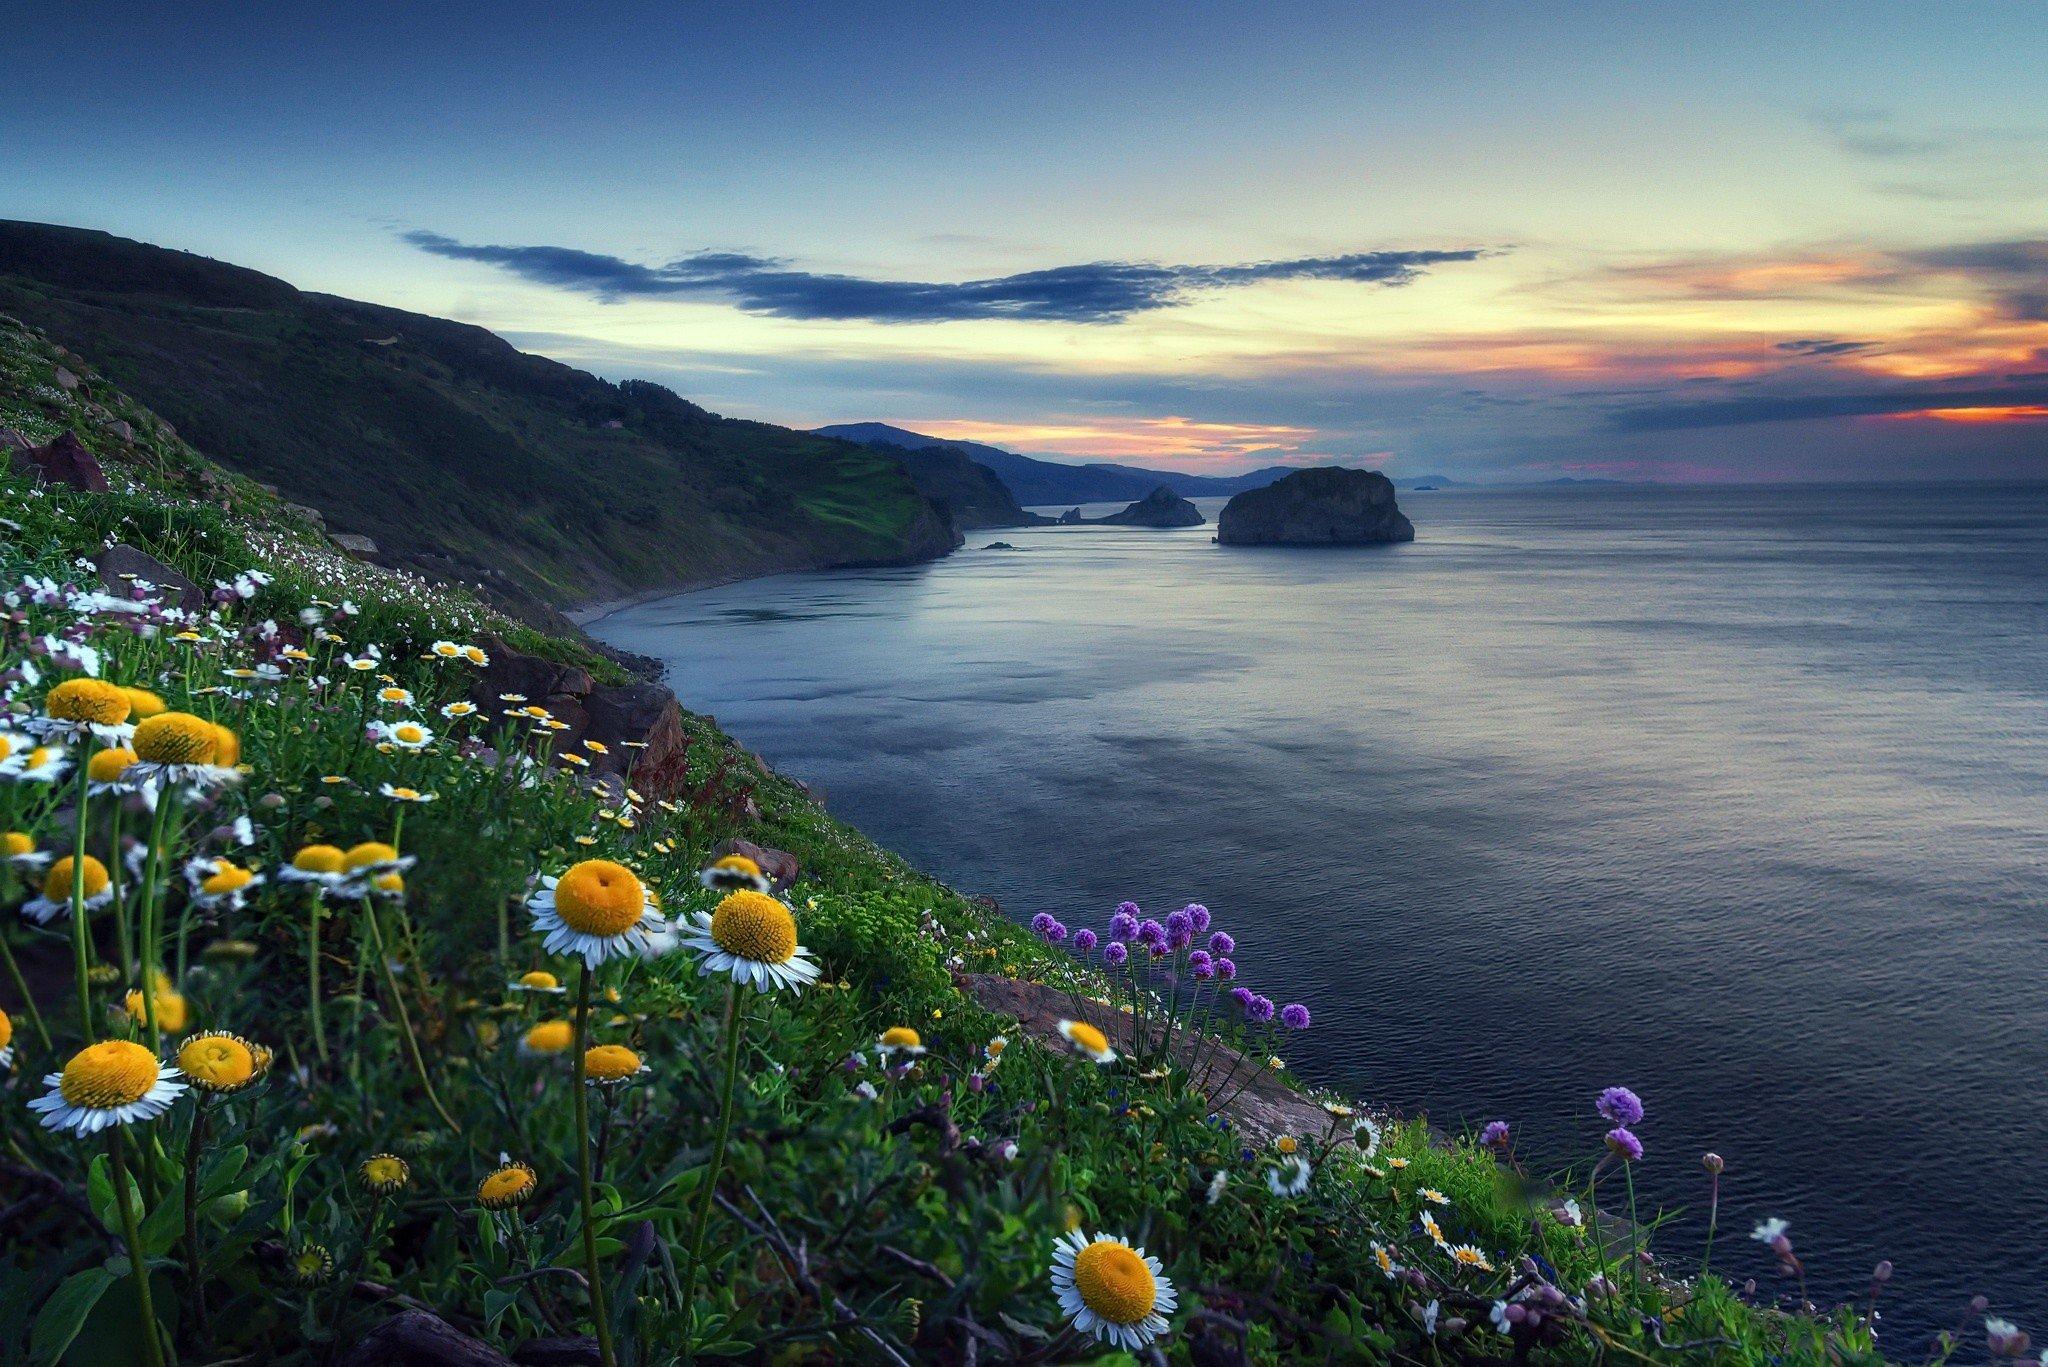 героя цветы на побережье фото многое будет